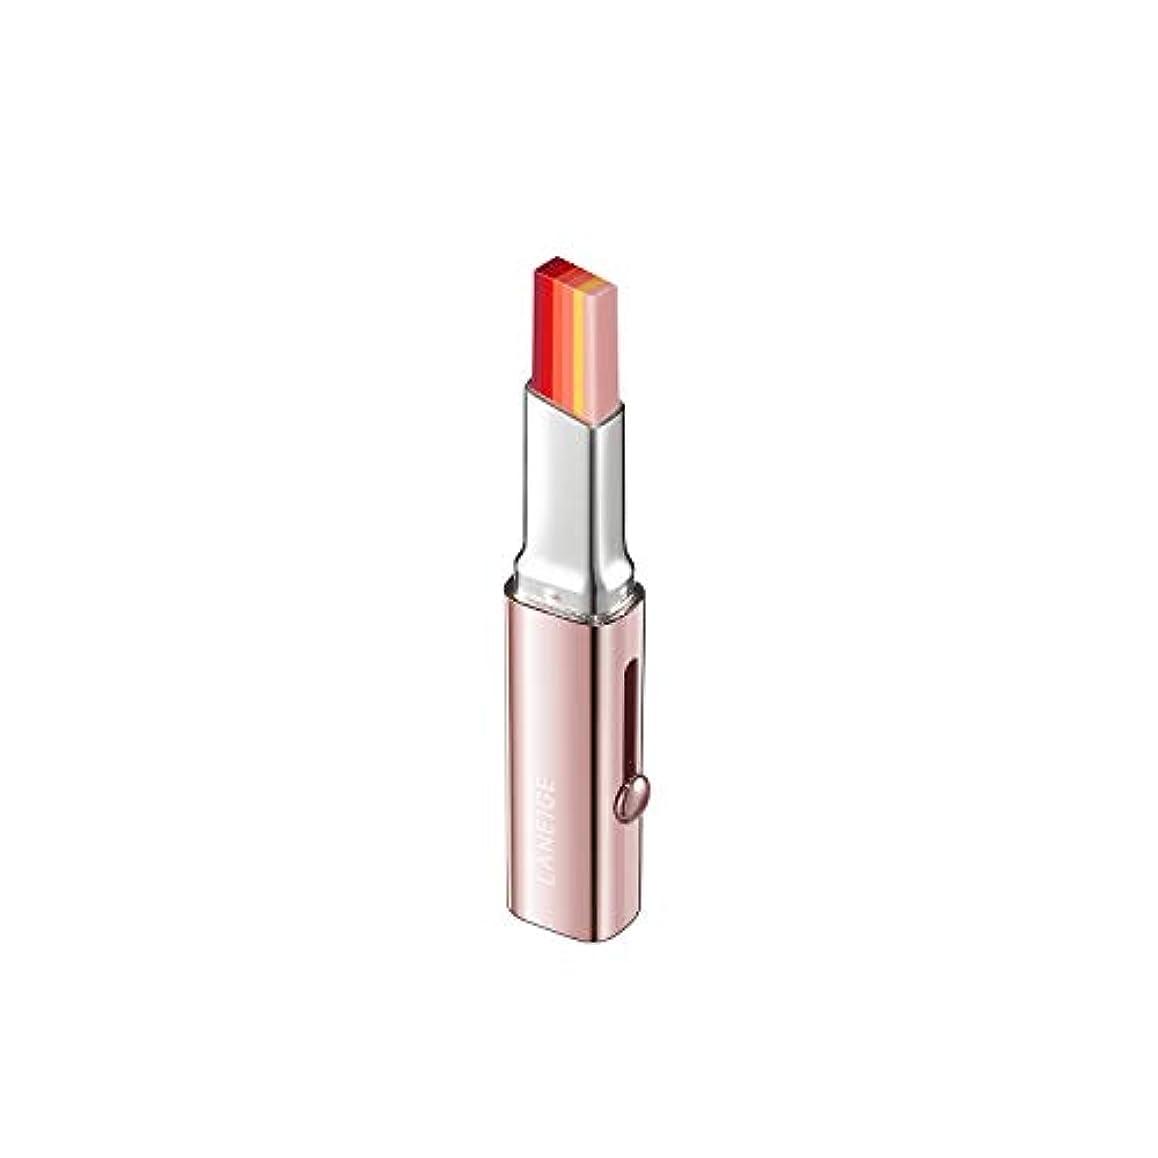 トマト深くボイド【ラネージュ】階層リップバー(1.9G)/ Layering Lip Bar-6つのカラーでのグラデーションカラー演出 (#1 LAYERING FANTASY)